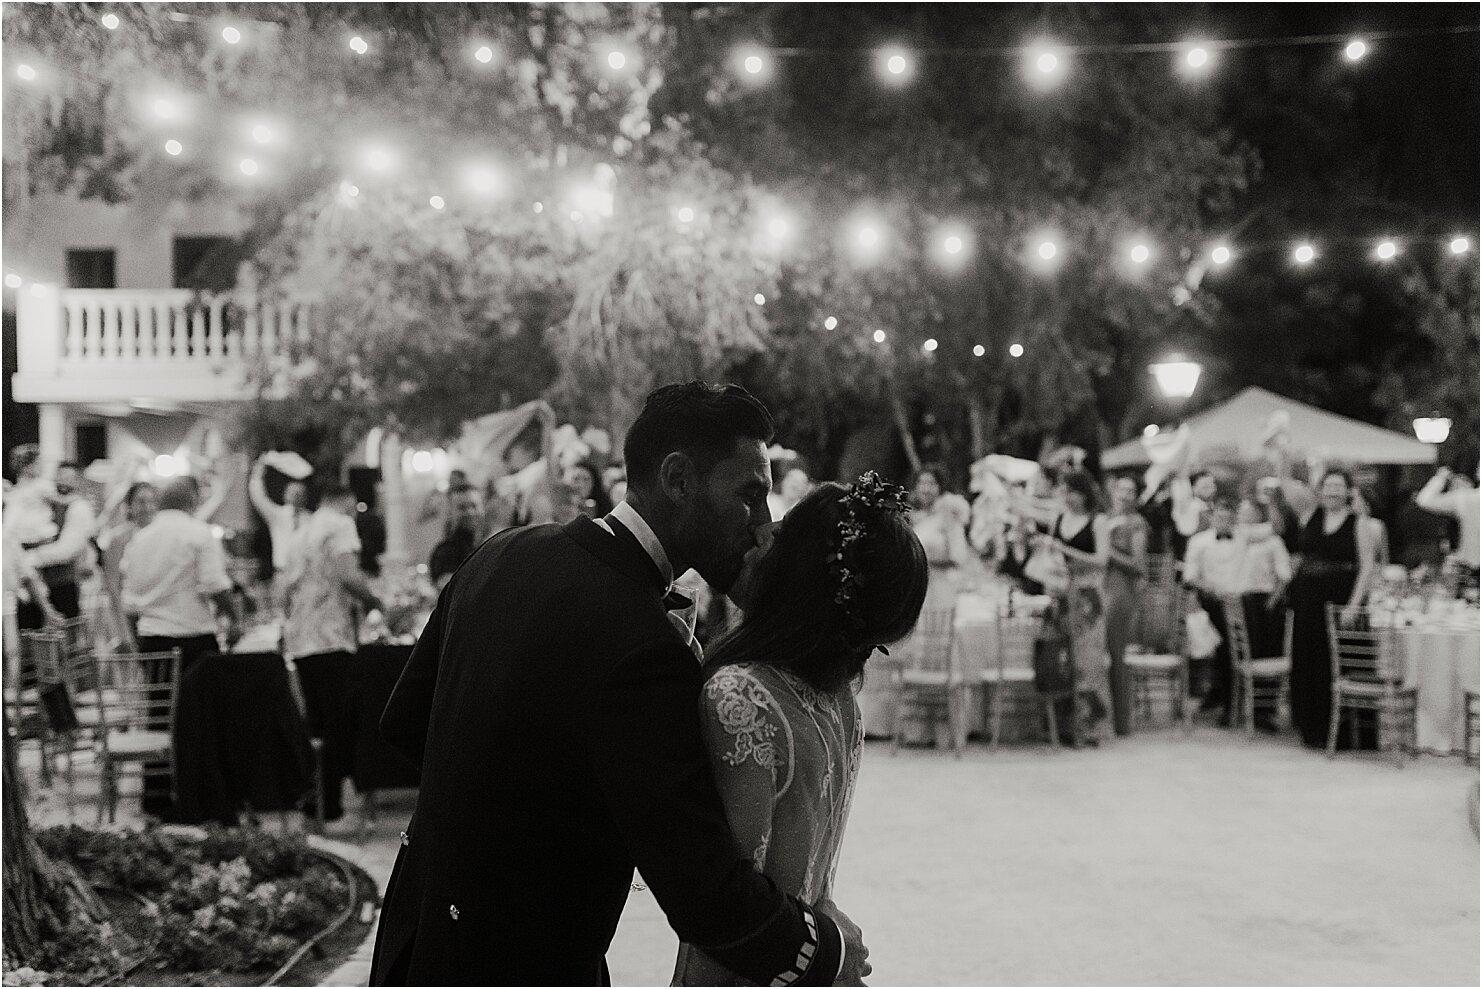 boda-romantica-boda-boho-vestido-de-novia-laura-lomas75.jpg